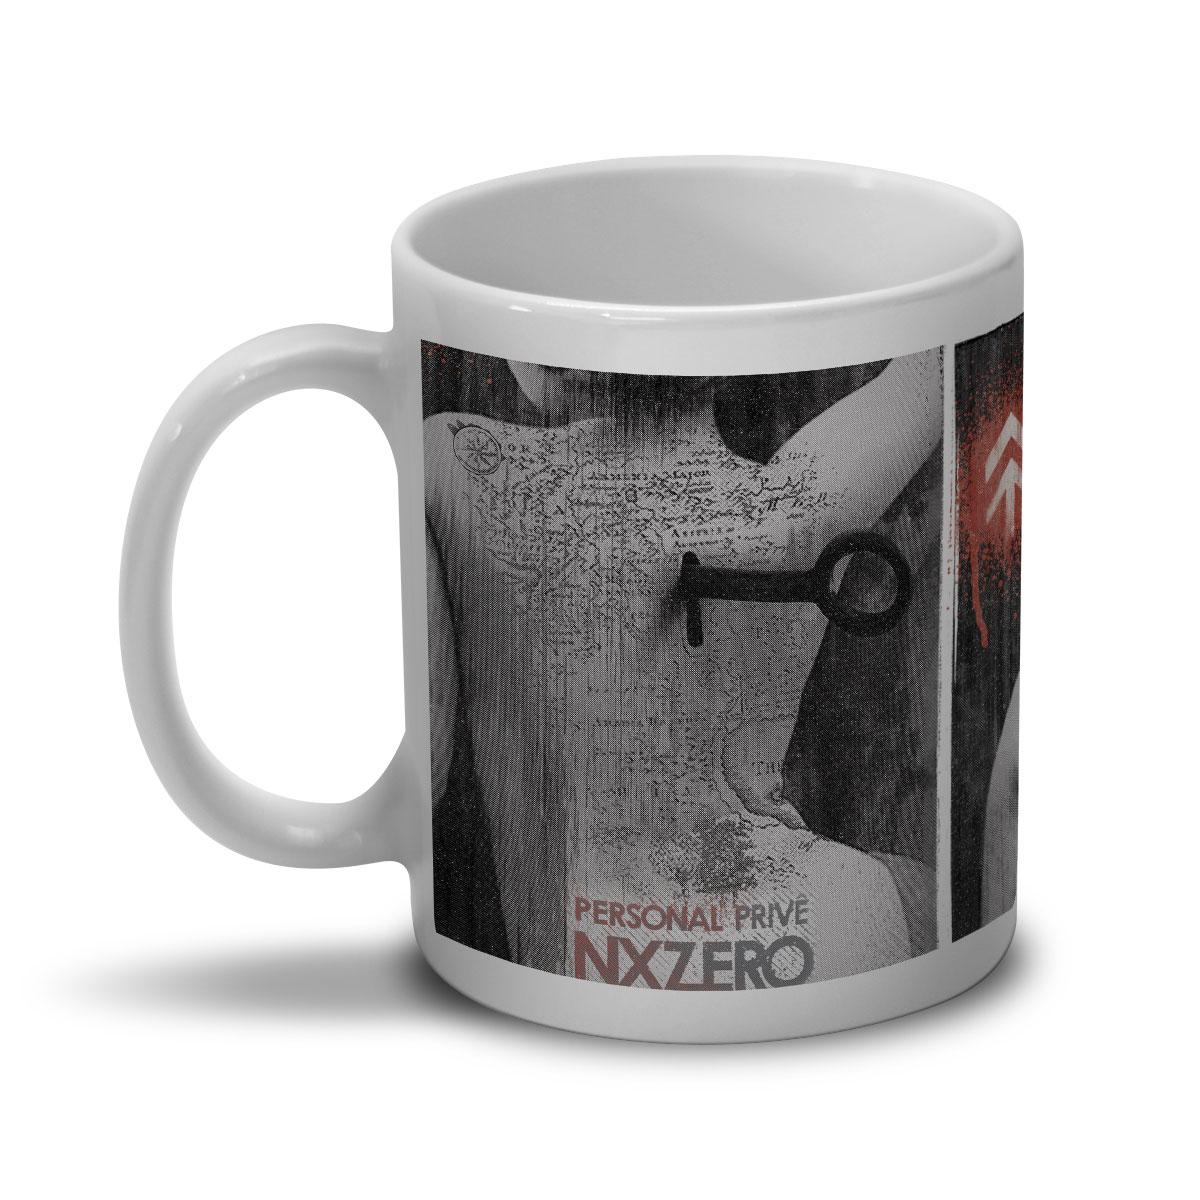 Caneca NXZero Personal Prive